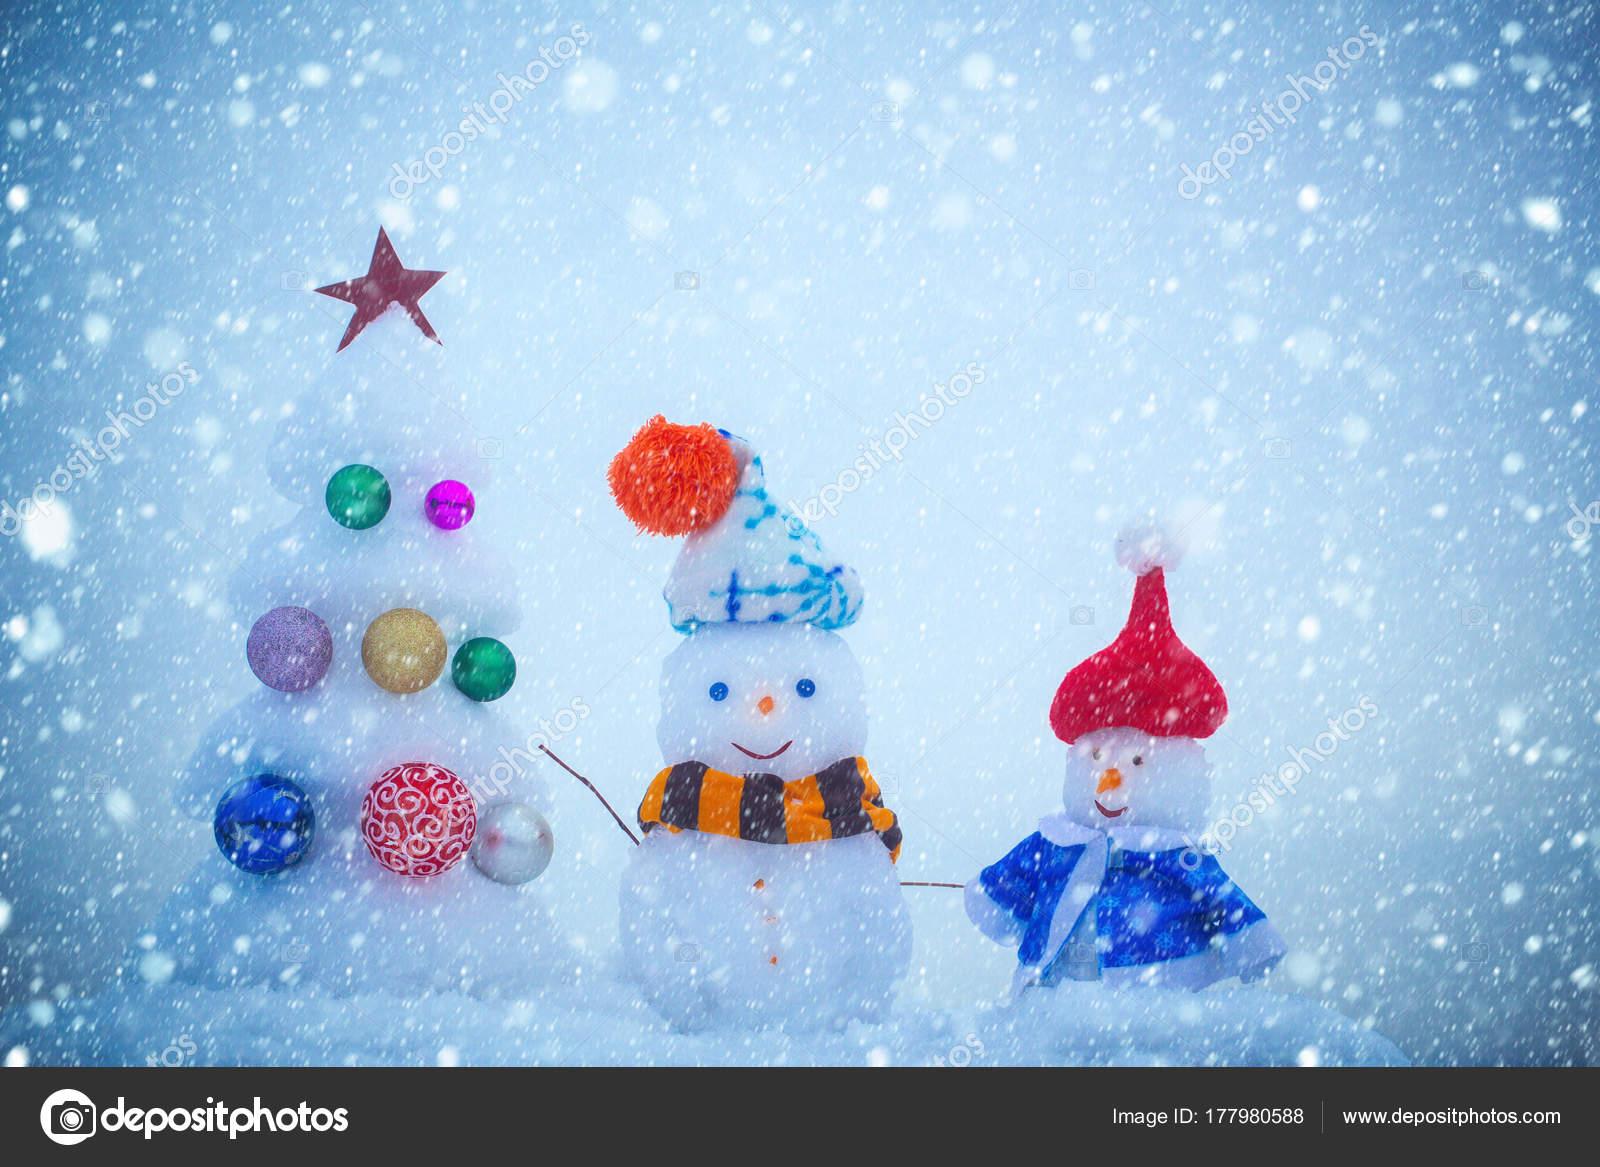 Schneemänner mit Smiley-Gesichter in der Kleidung — Stockfoto ...